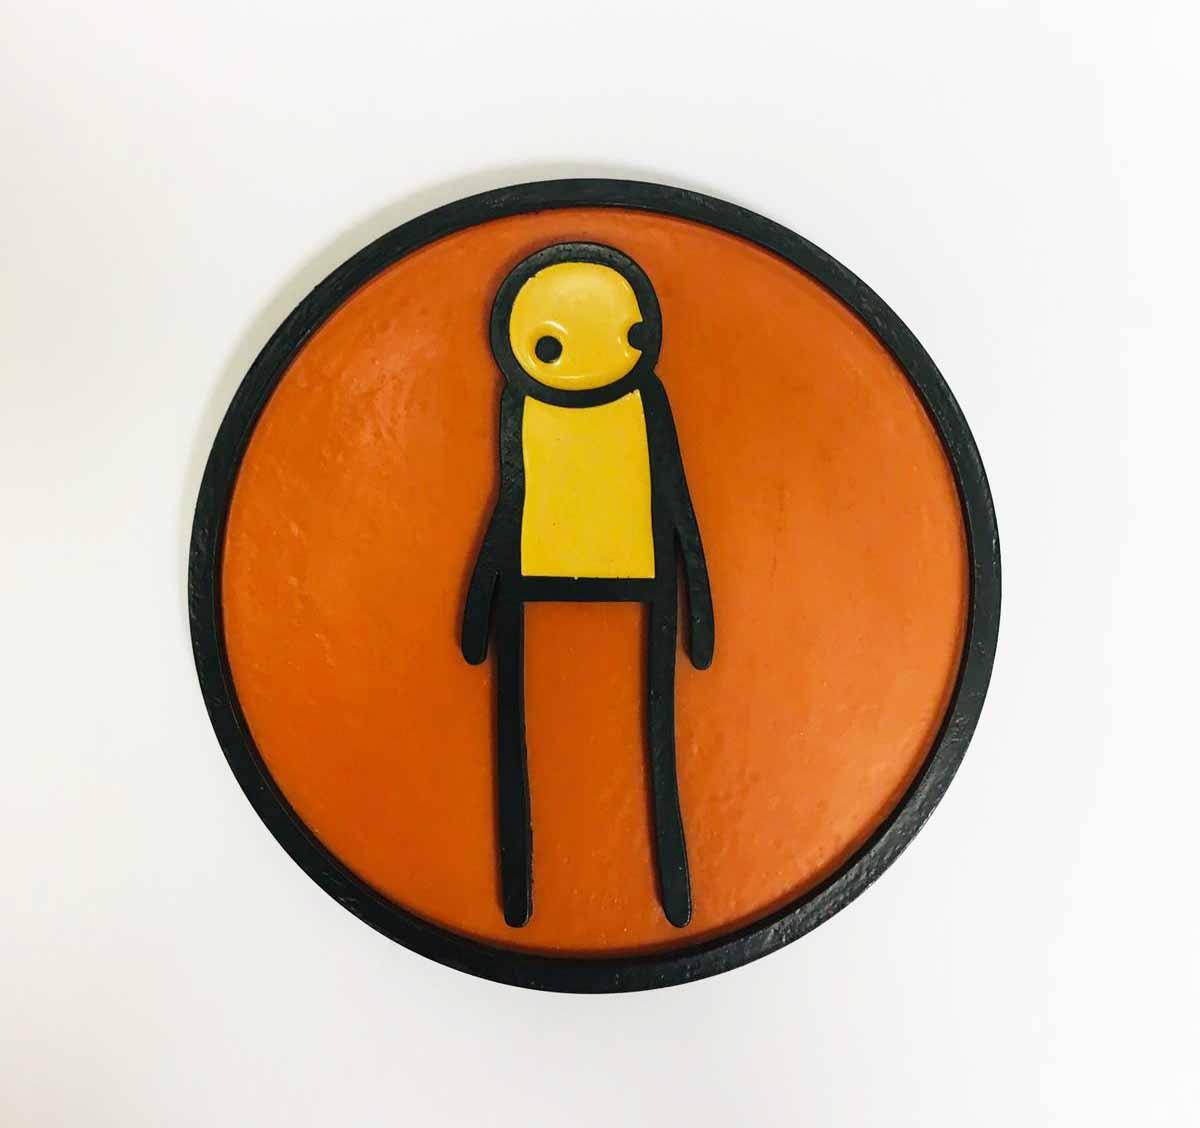 Plaque (orange) by STIK